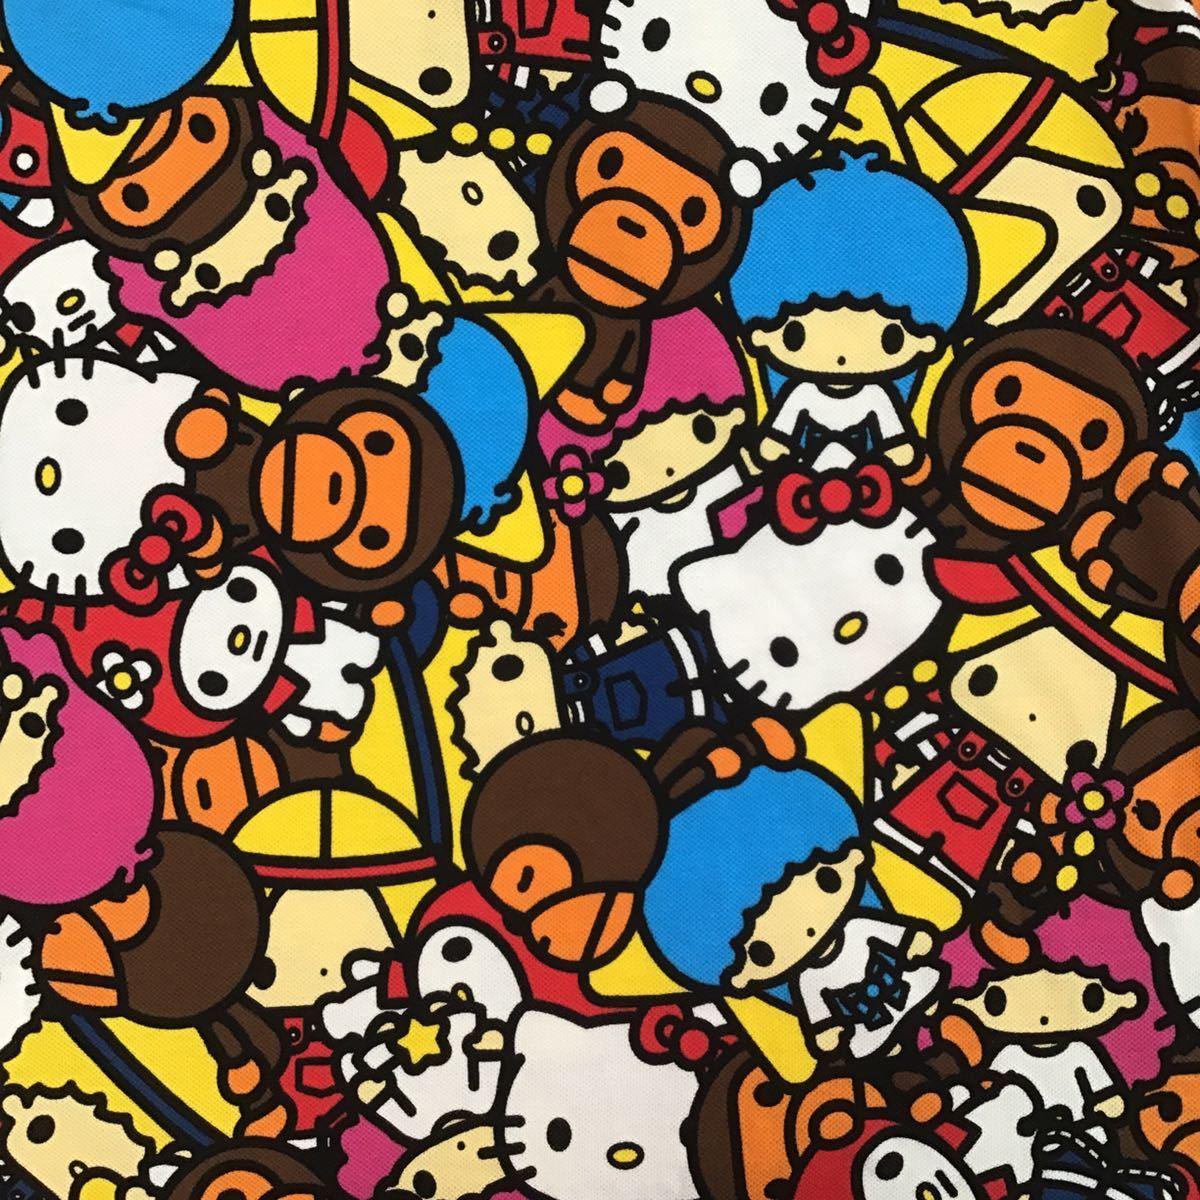 ★伊勢丹新宿店限定★ SANRIO × BAPE マイロ サファリ ポロシャツ Mサイズ a bathing ape サンリオ エイプ ベイプ milo kitty キティ tp5